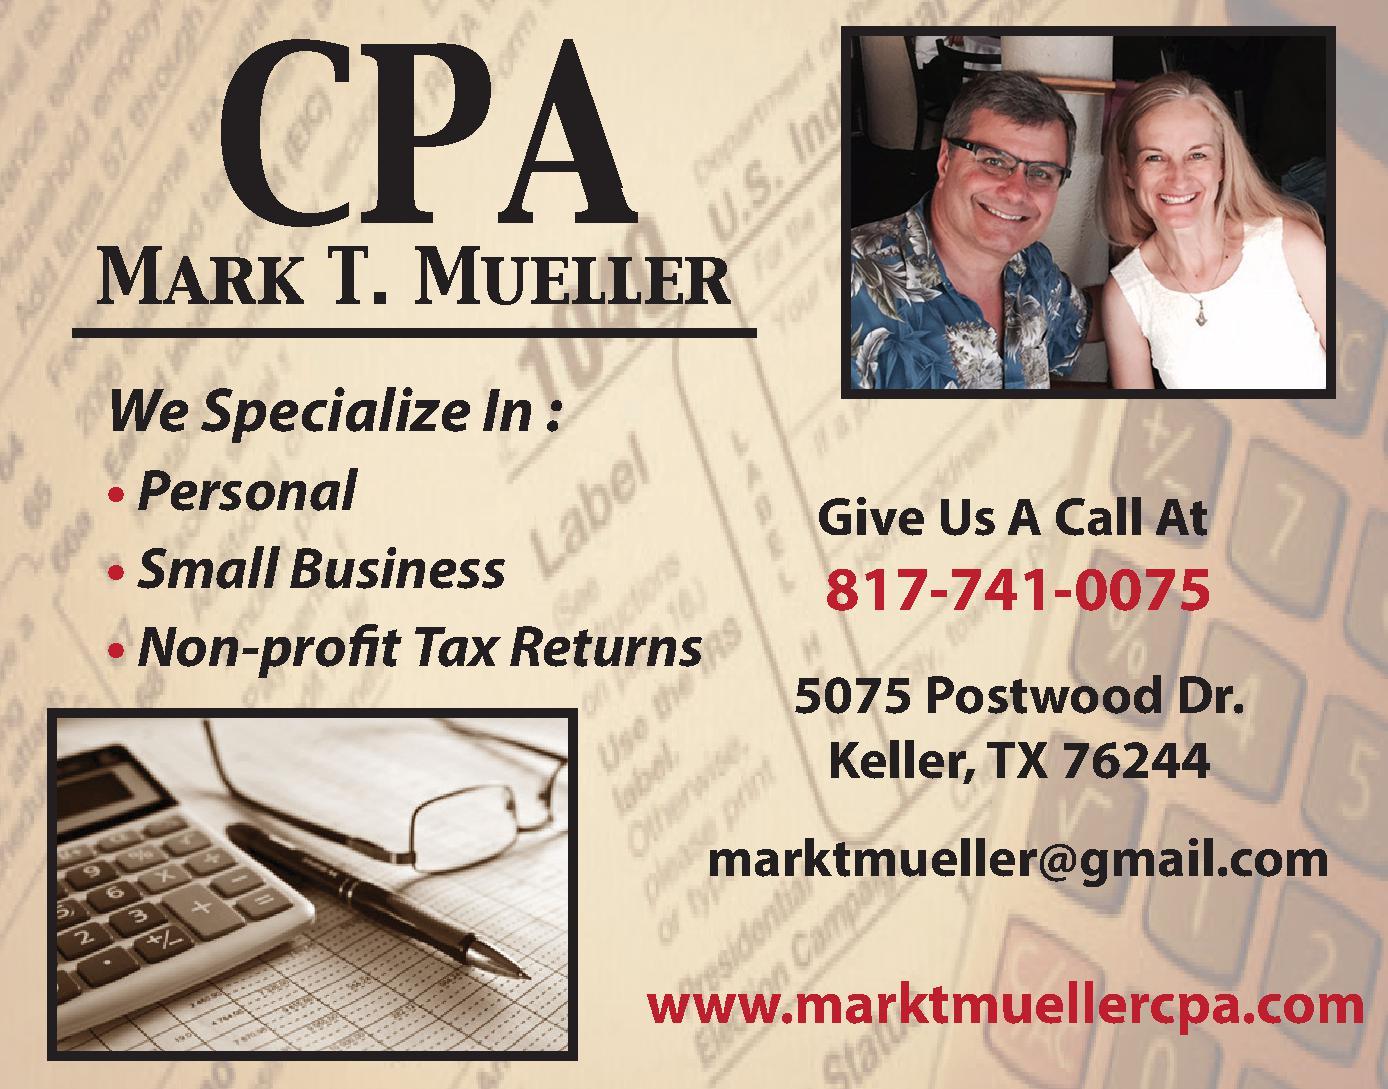 Mark T. Mueller CPA